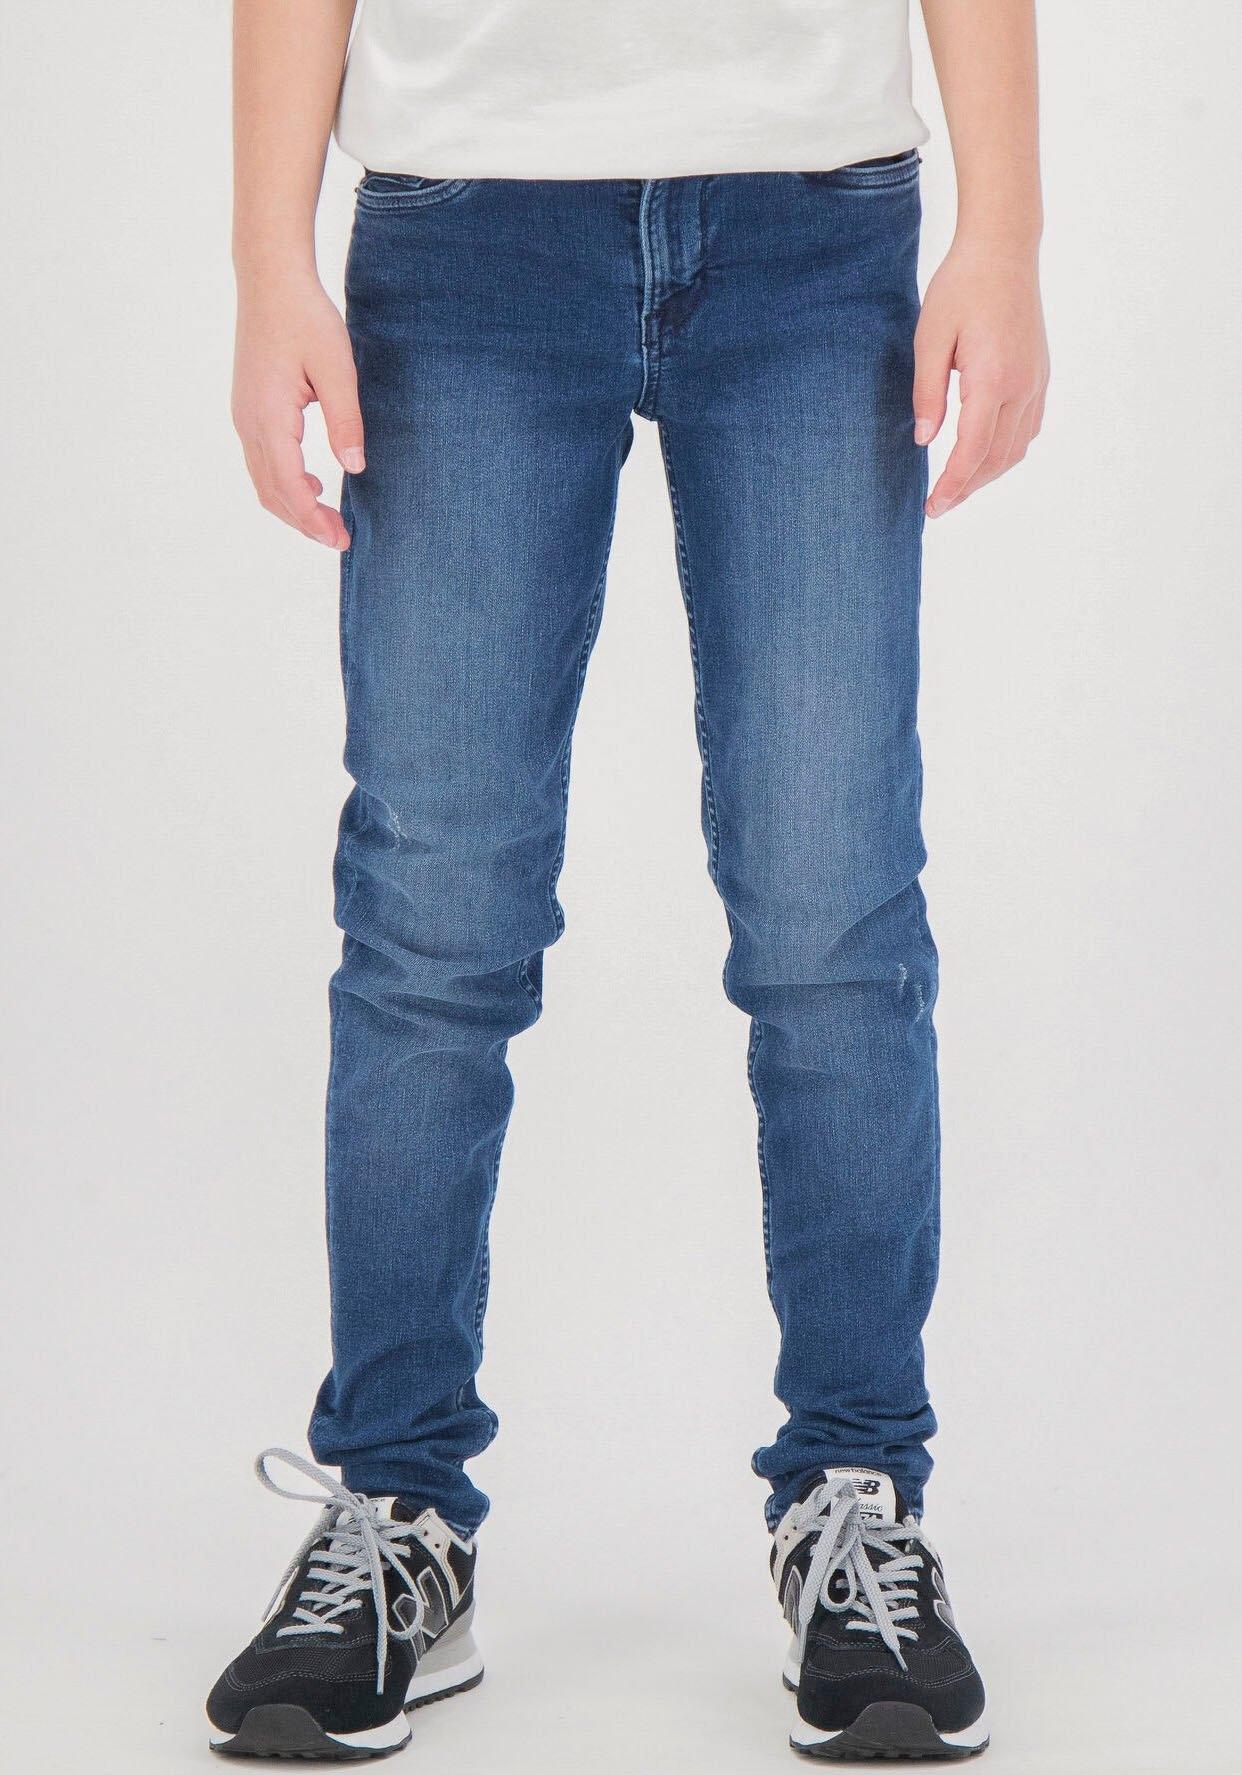 Op zoek naar een Garcia stretch jeans? Koop online bij OTTO